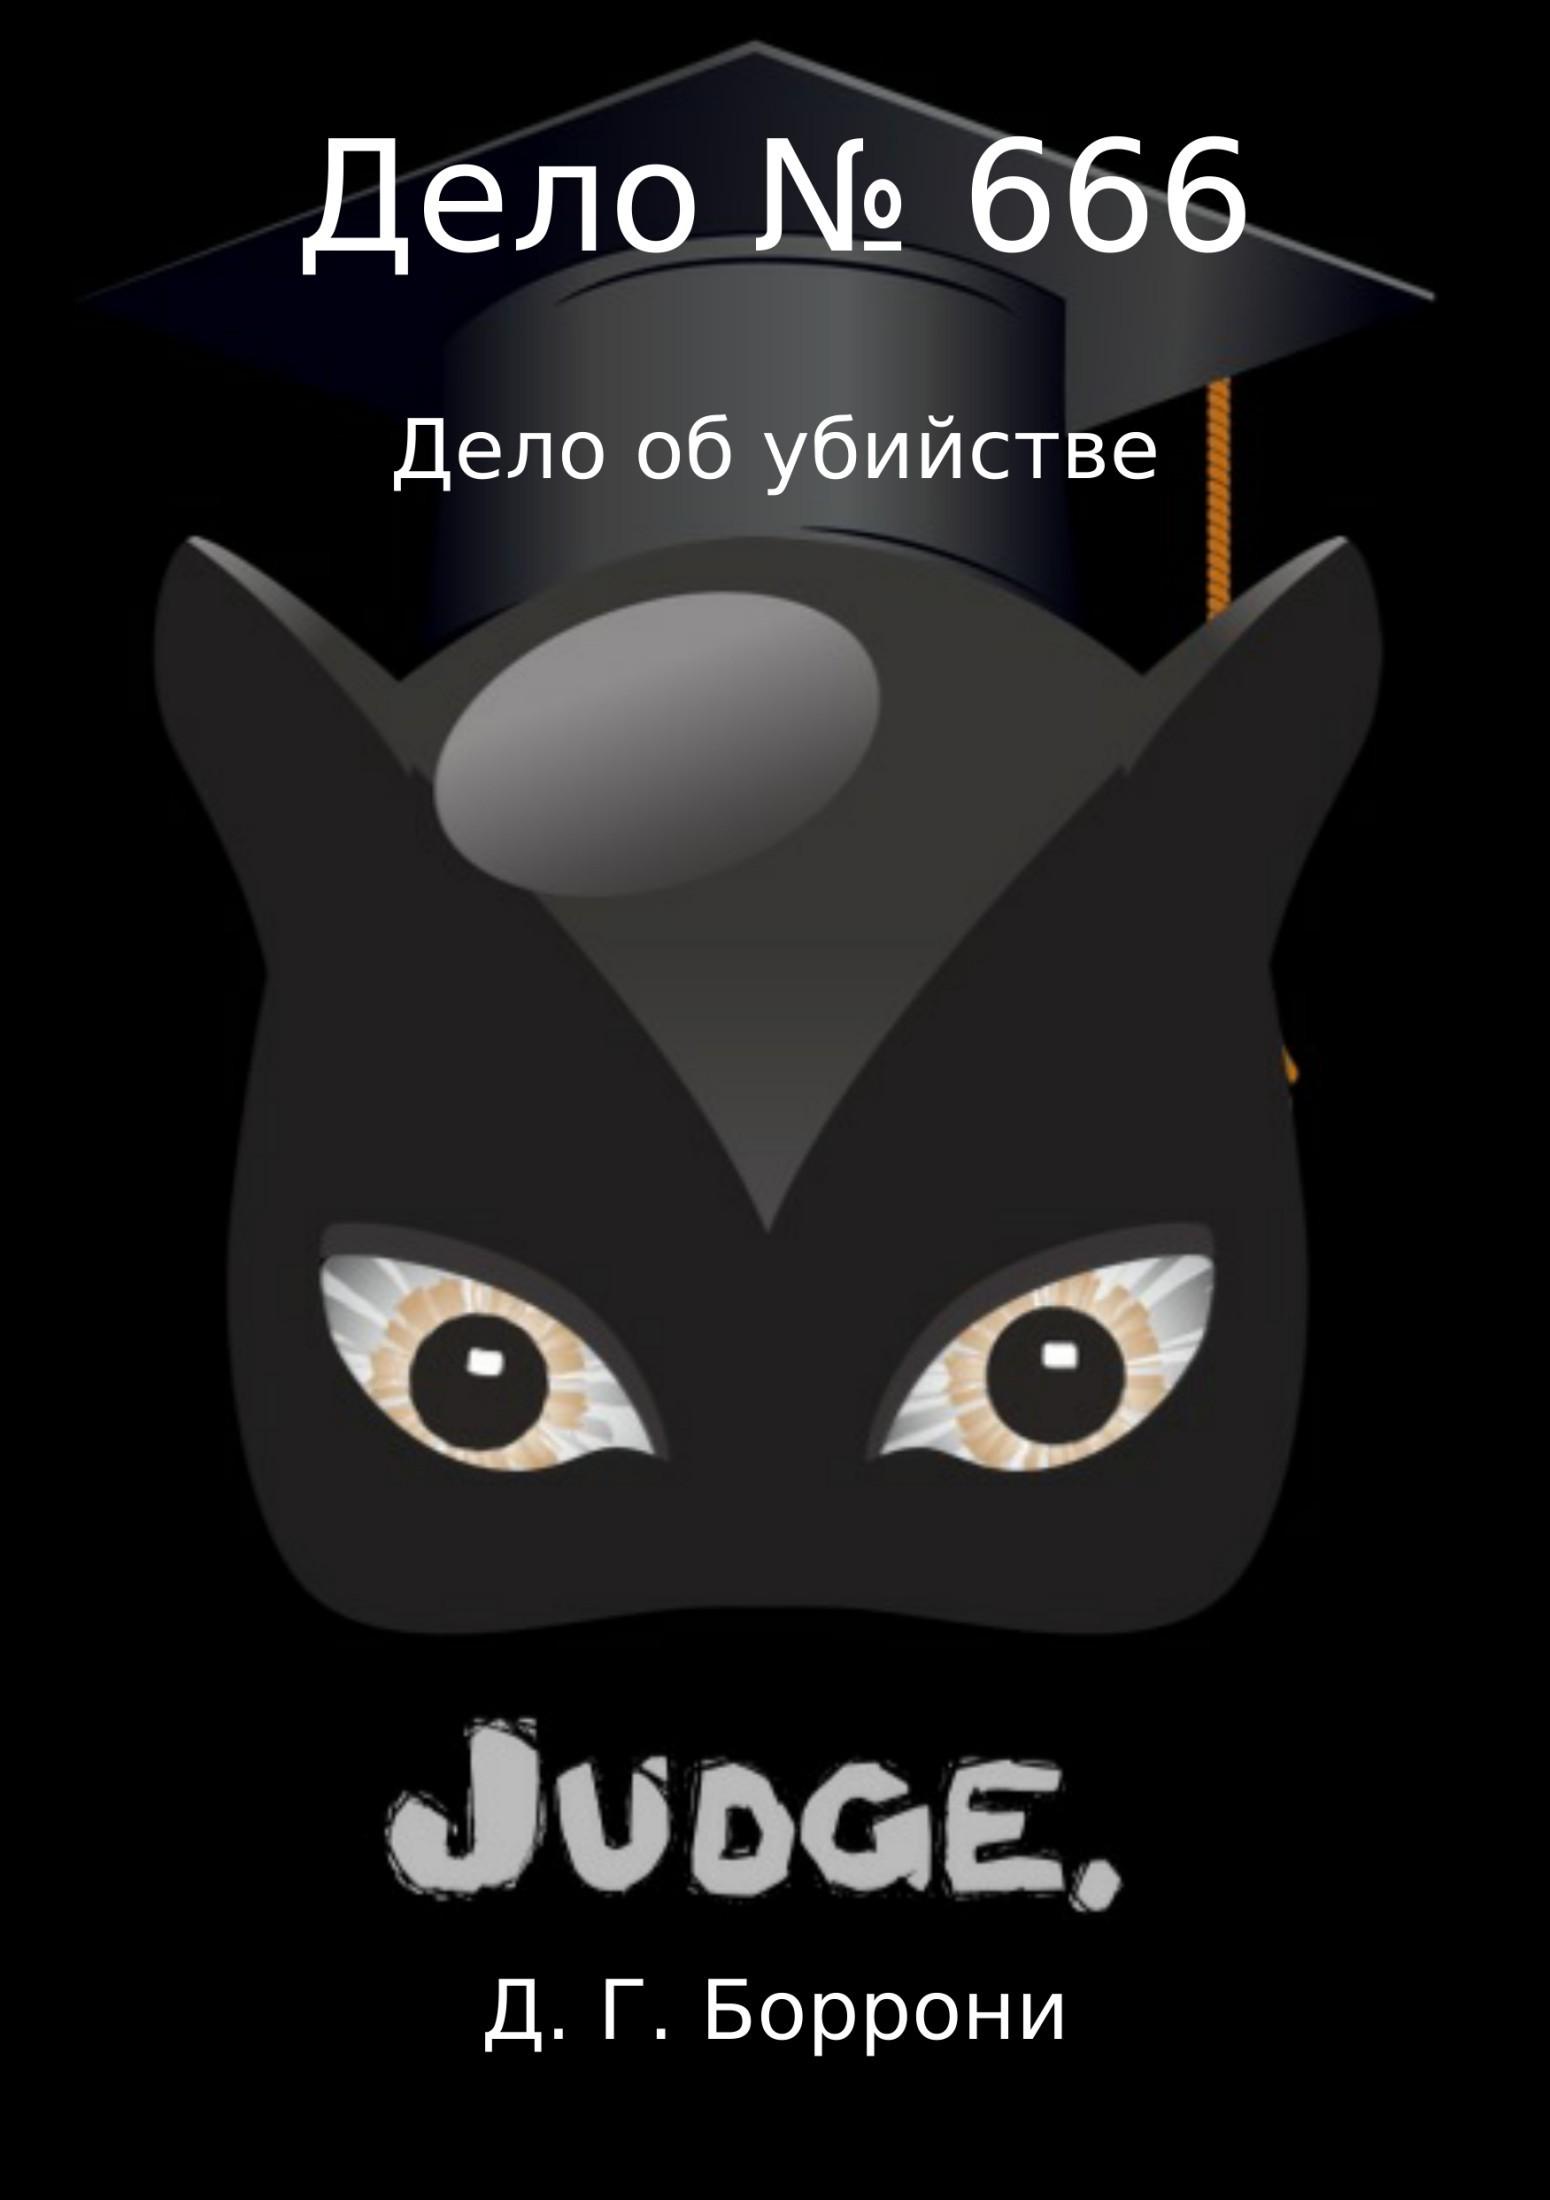 Дмитрий Георгиевич Боррони Дело № 666: дело об убийстве букина о азбука бухгалтера просто об упрощенке